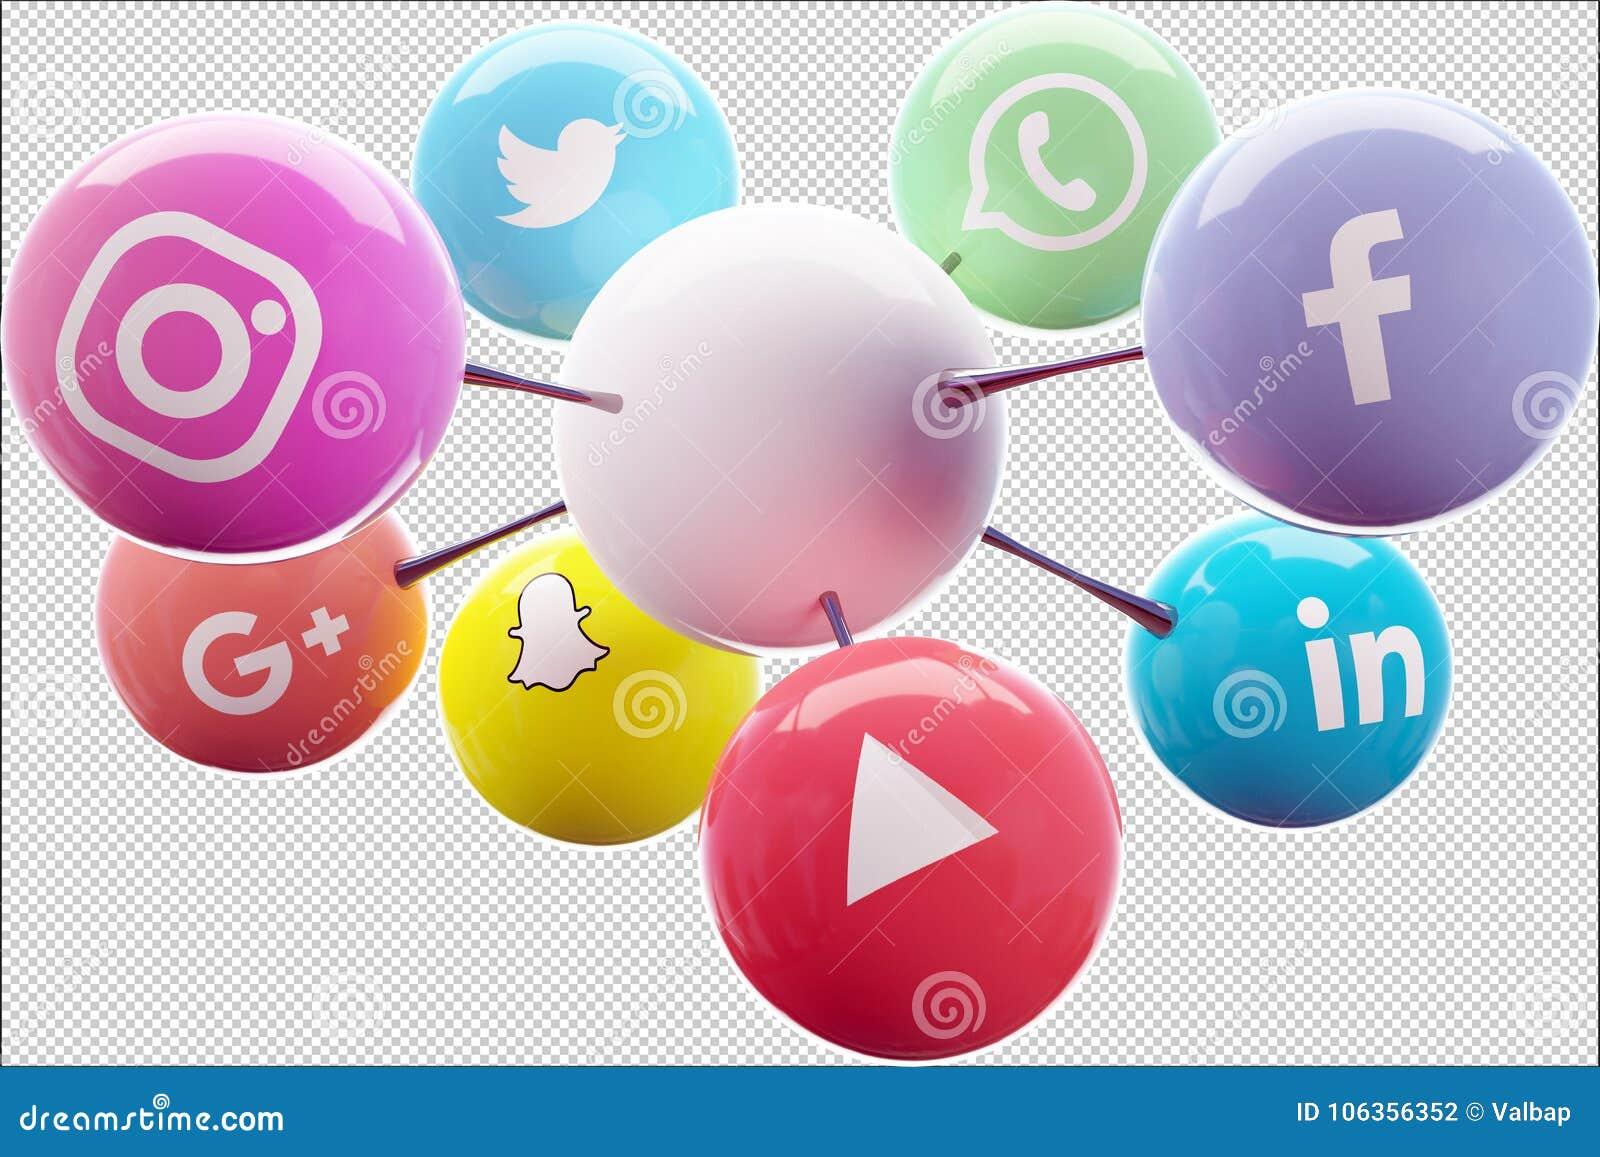 社会网络连接了到商标的白色球理想